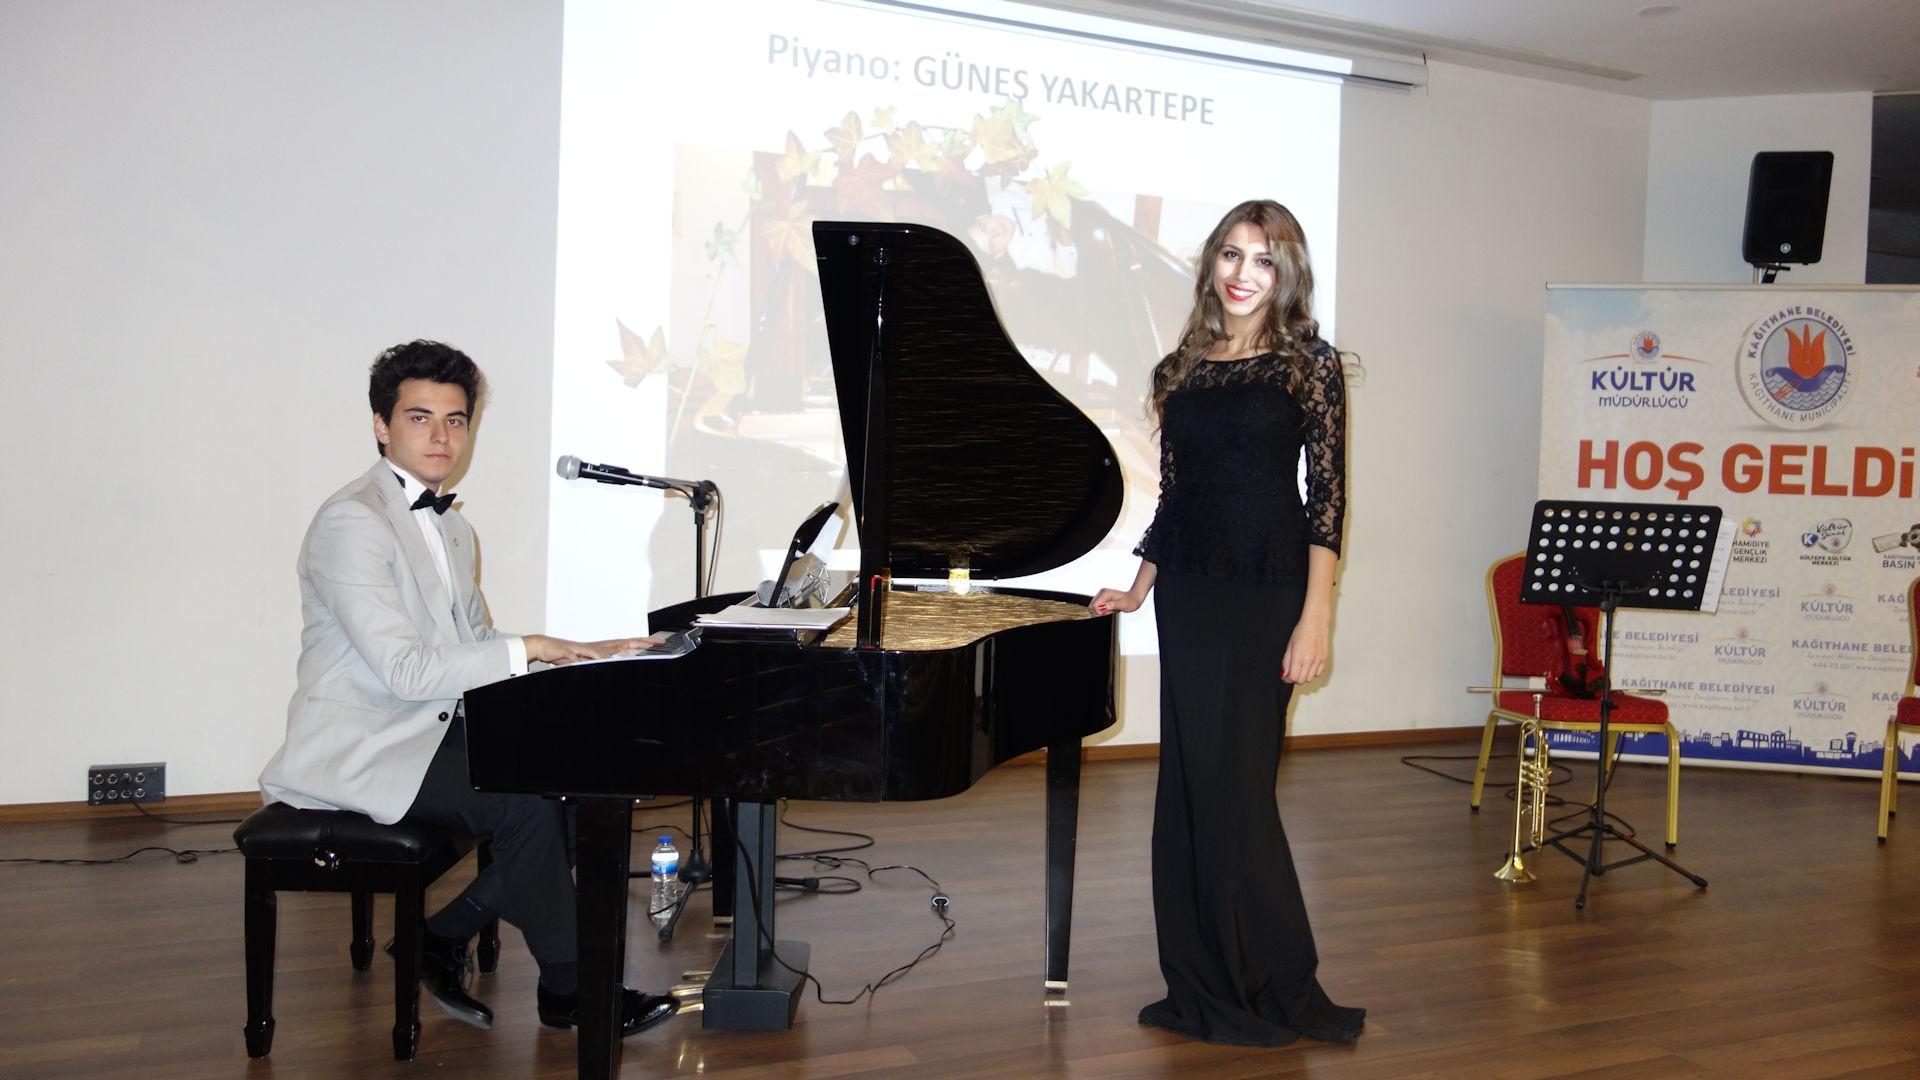 En Yeni Besteler BİR BAYRAK RÜZGAR BEKLİYOR Son Şarkı ŞEHİTLER TEPESİ BOŞ DEĞİL Şiir Arif Nihat Asya Son Bestesi Piyano Bilgi Türkü Eser Genç Besteci Güneş Yakartepe